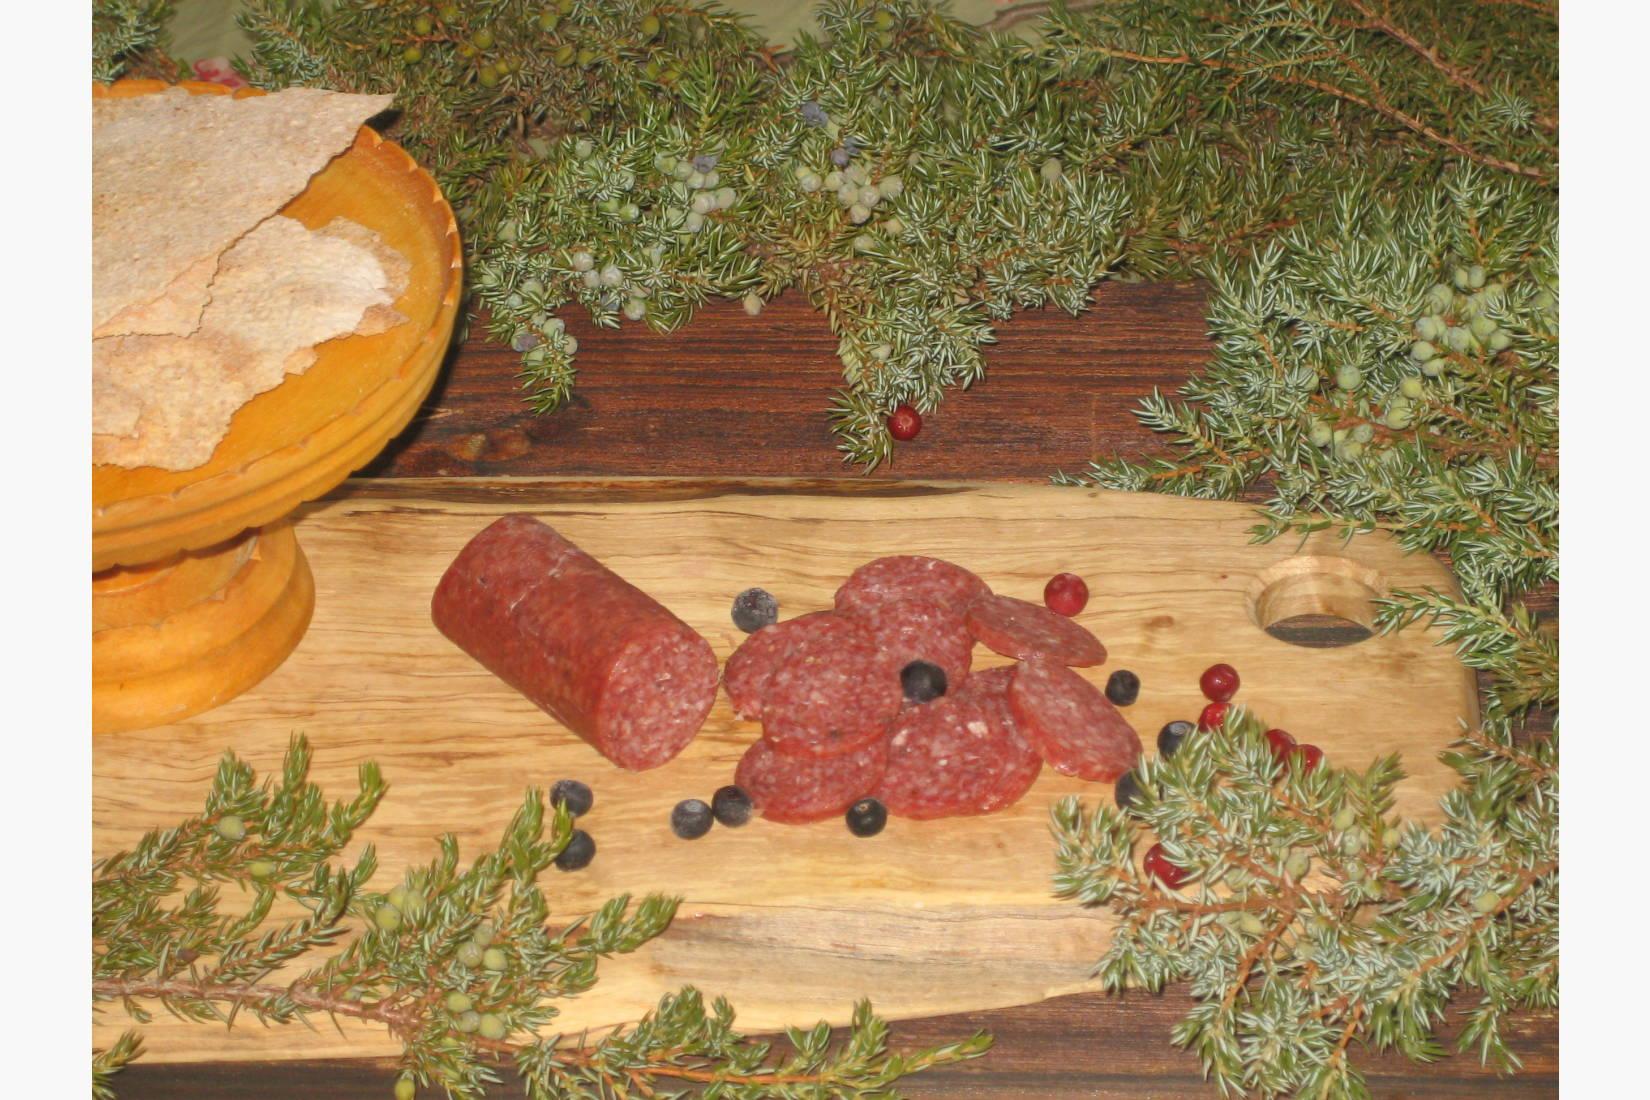 Spekepølser av lam basert på lokalt råstoff som tyttebær, blåbær og einebær